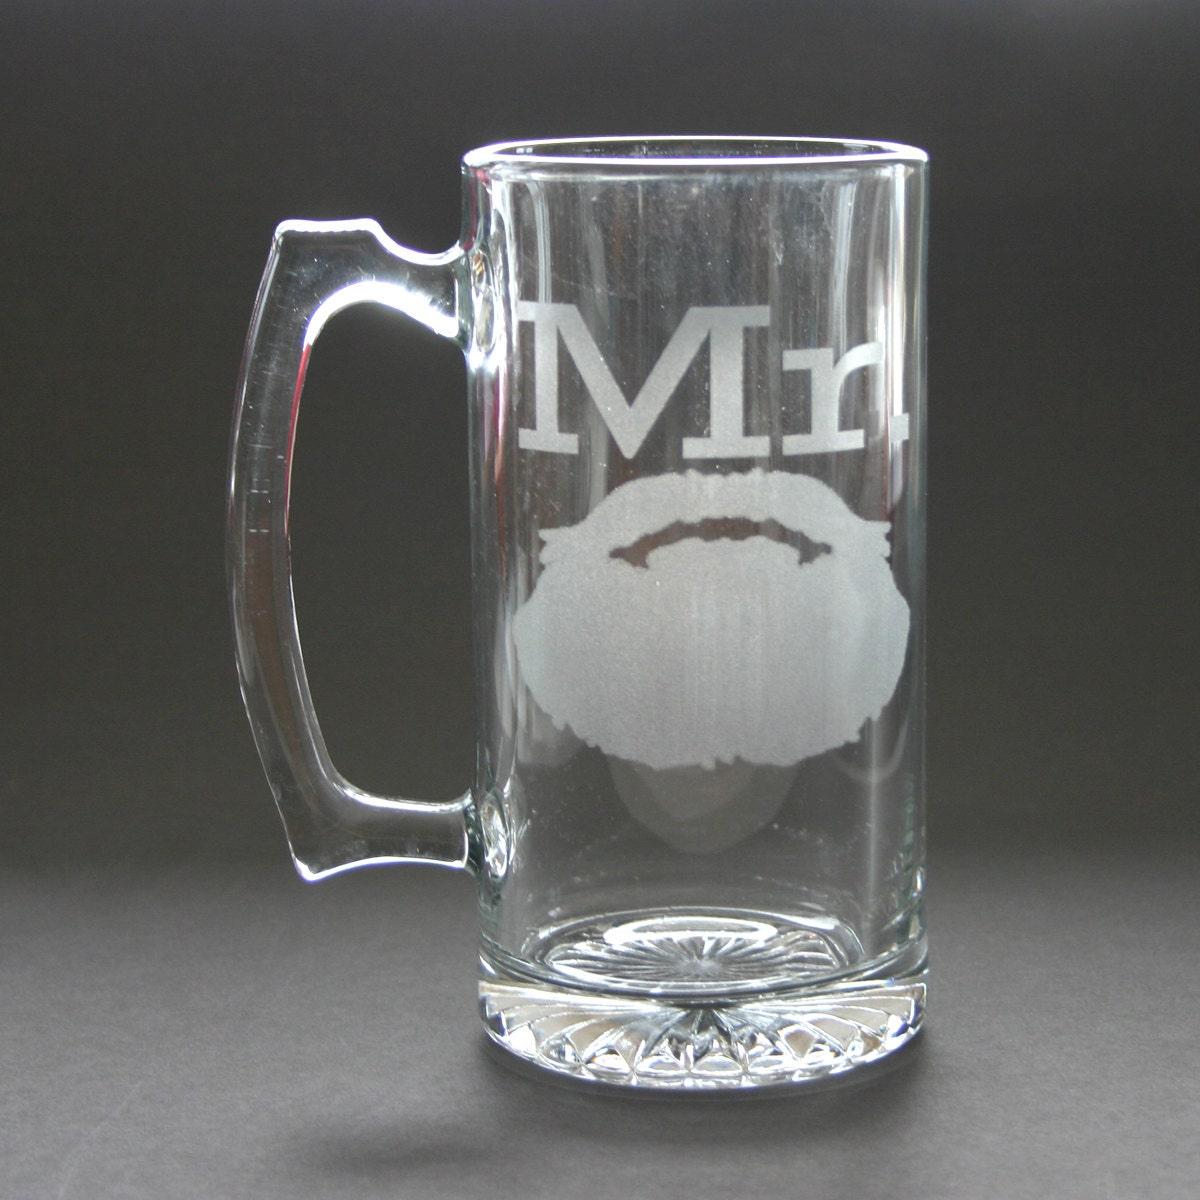 Mr Beard Engraved Beer Mug Weddings His Engraved Stein